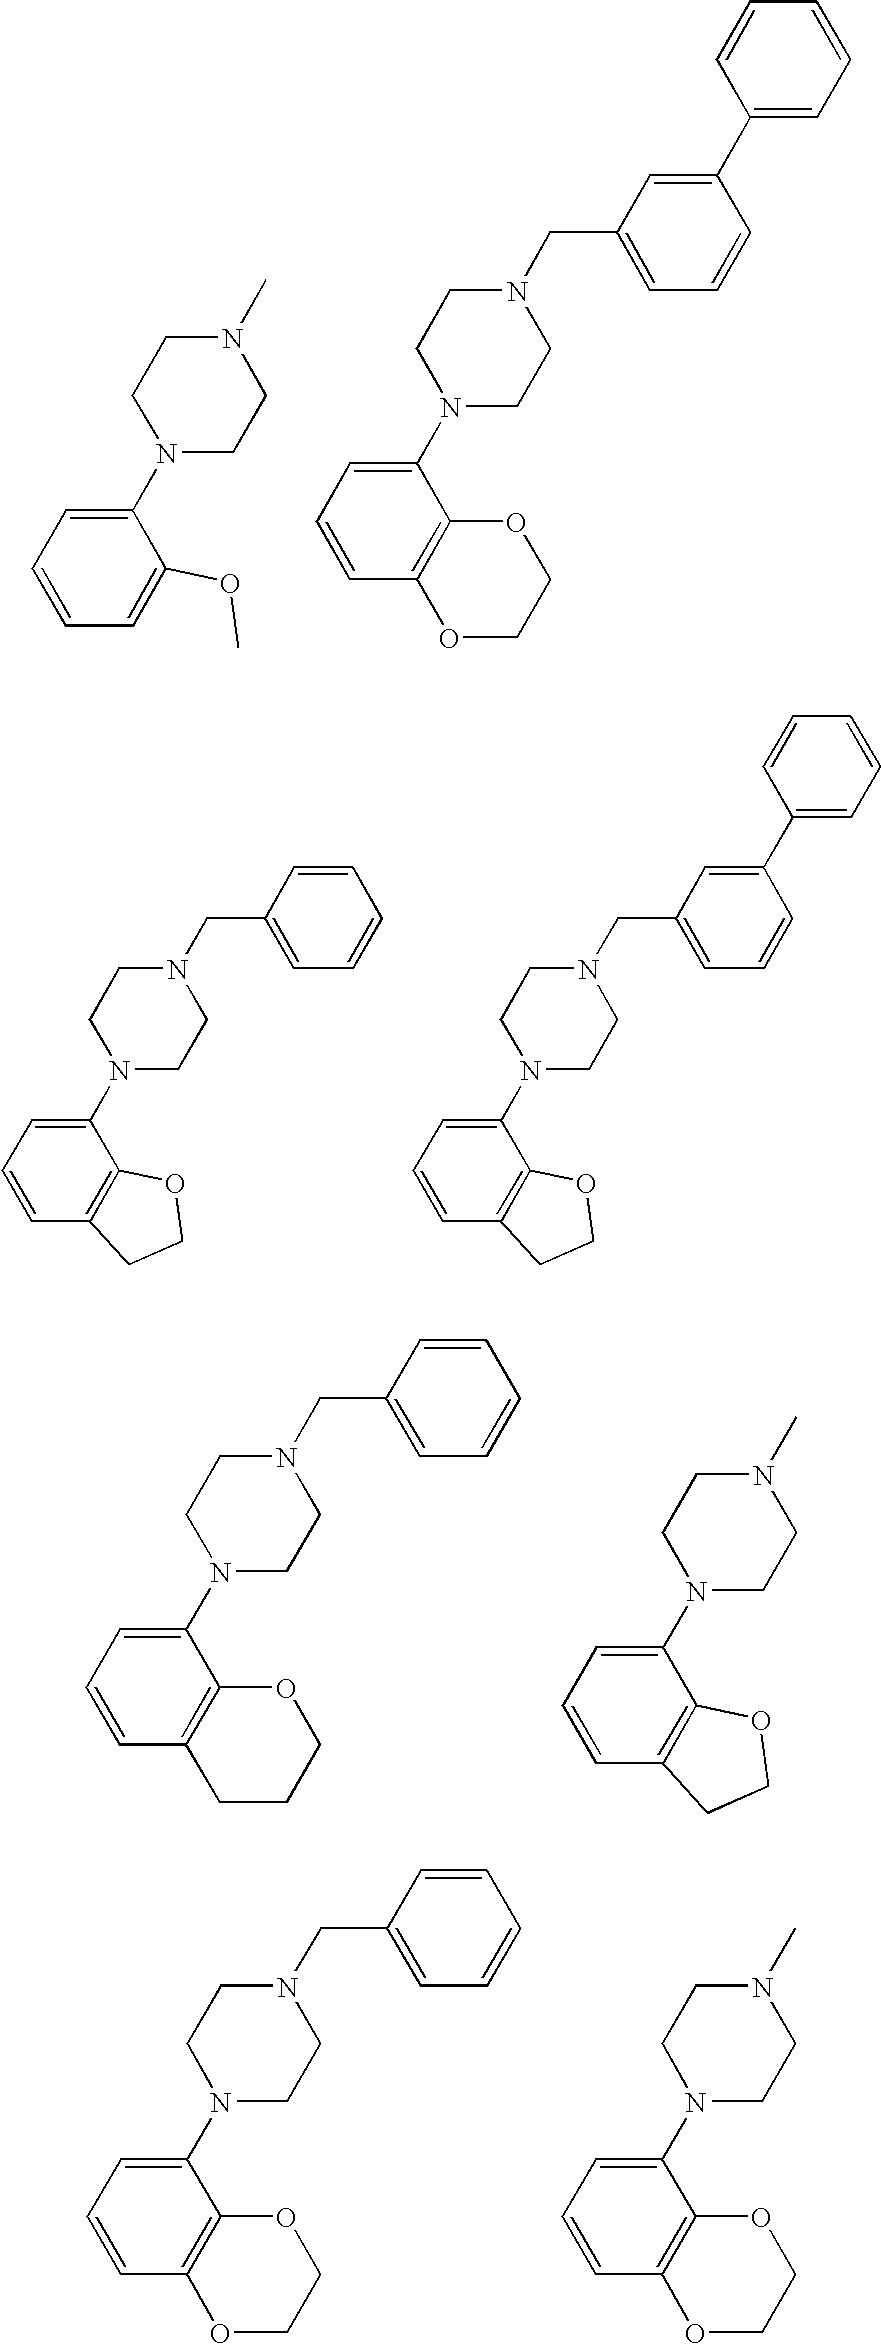 Figure US20100009983A1-20100114-C00161